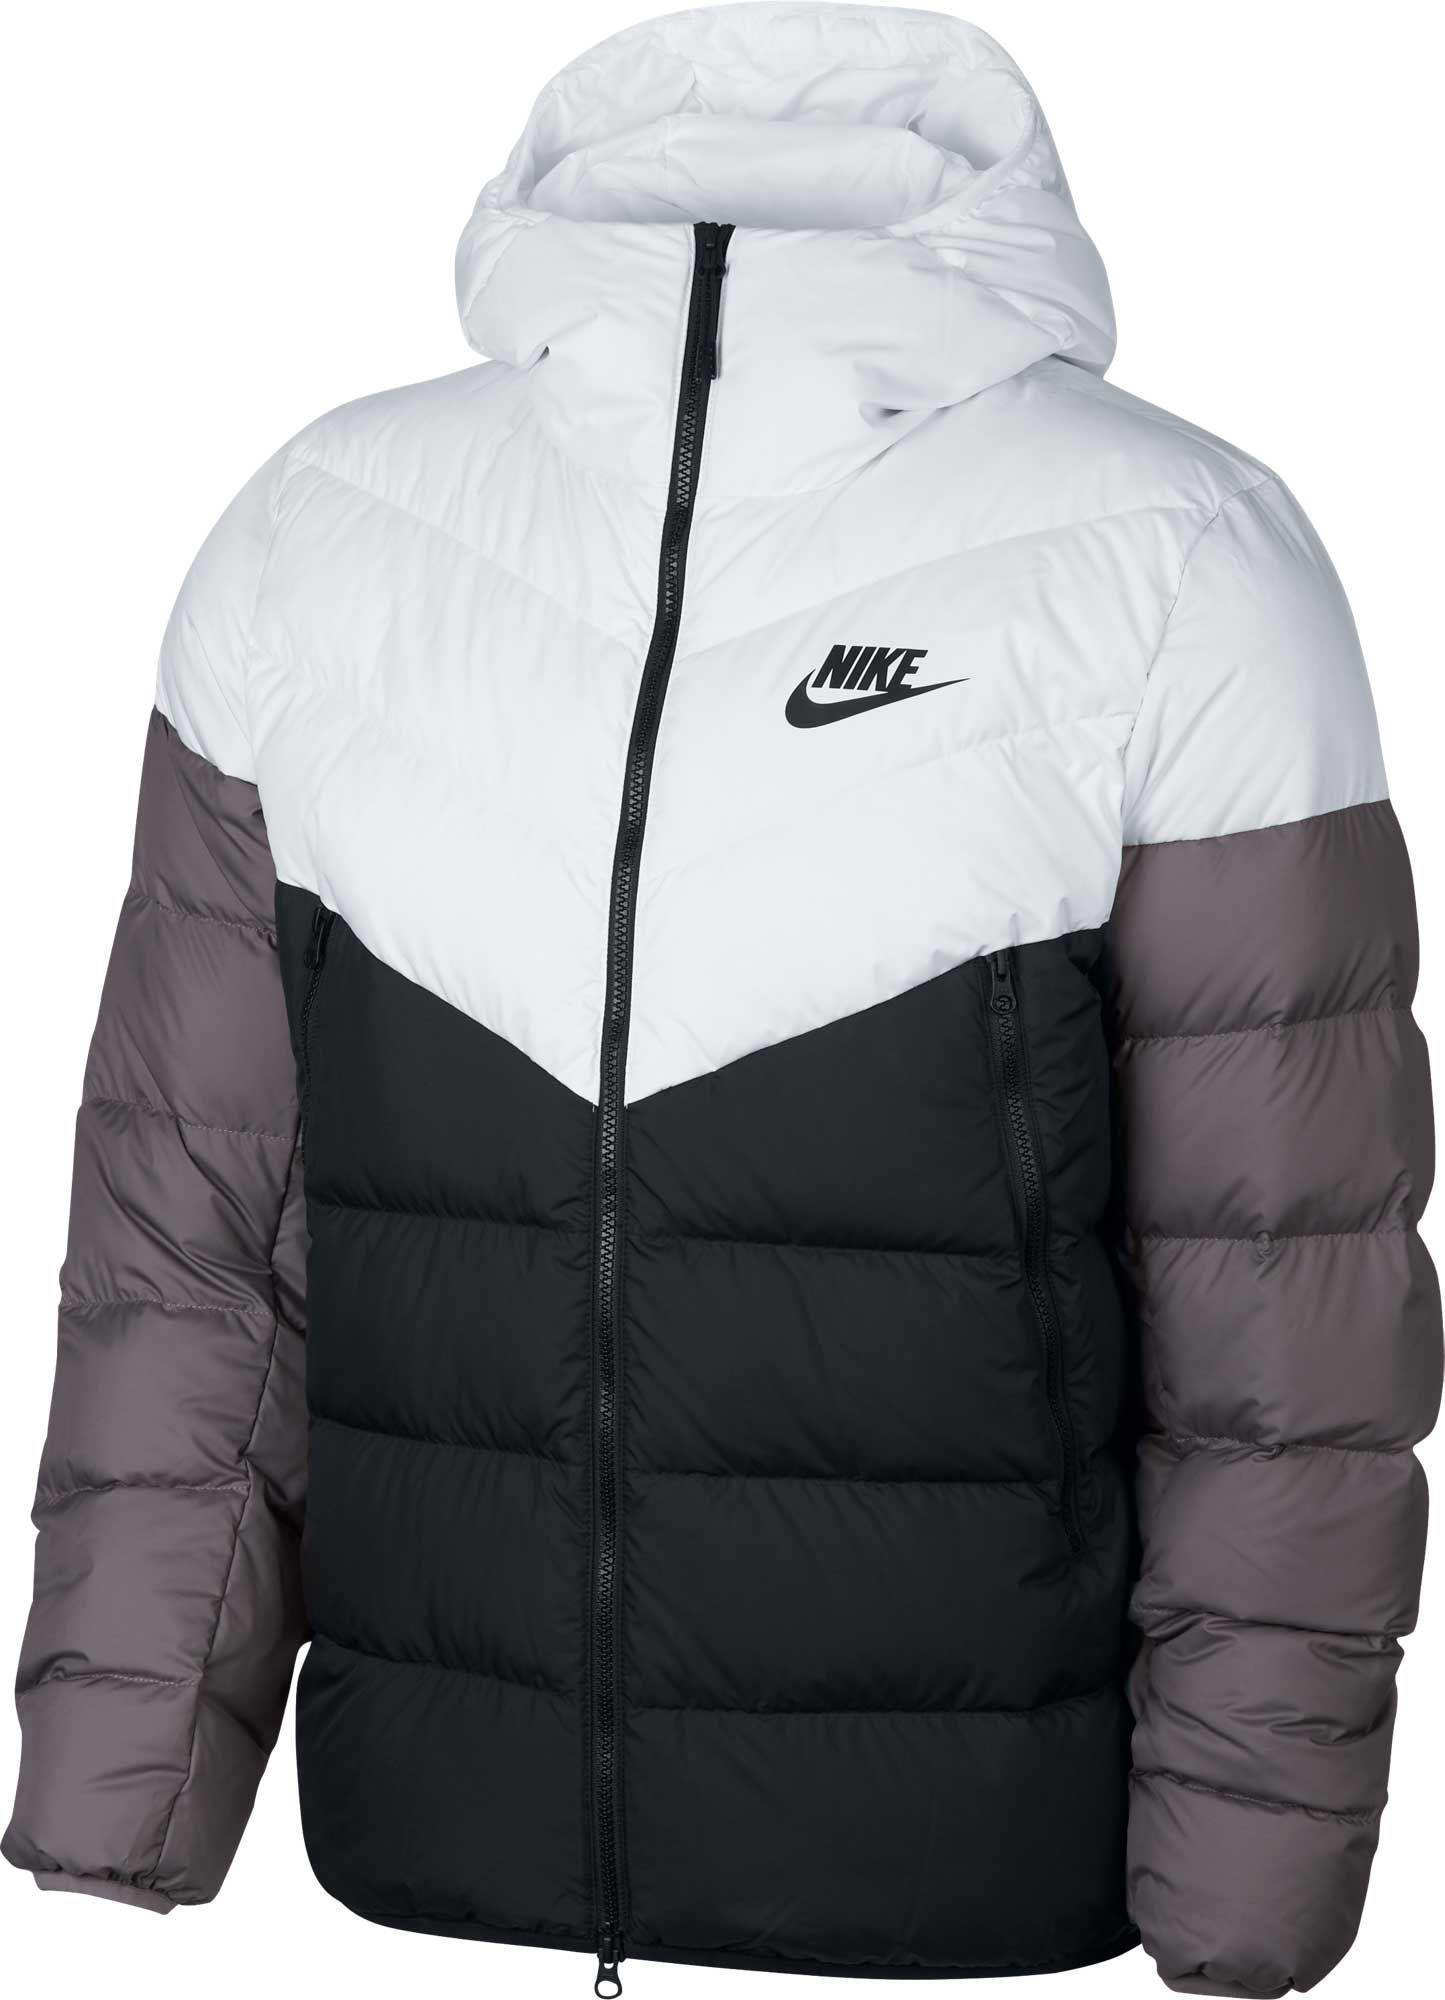 Nike Sportswear Windrunner Jacket BlackBlackBlackWhite